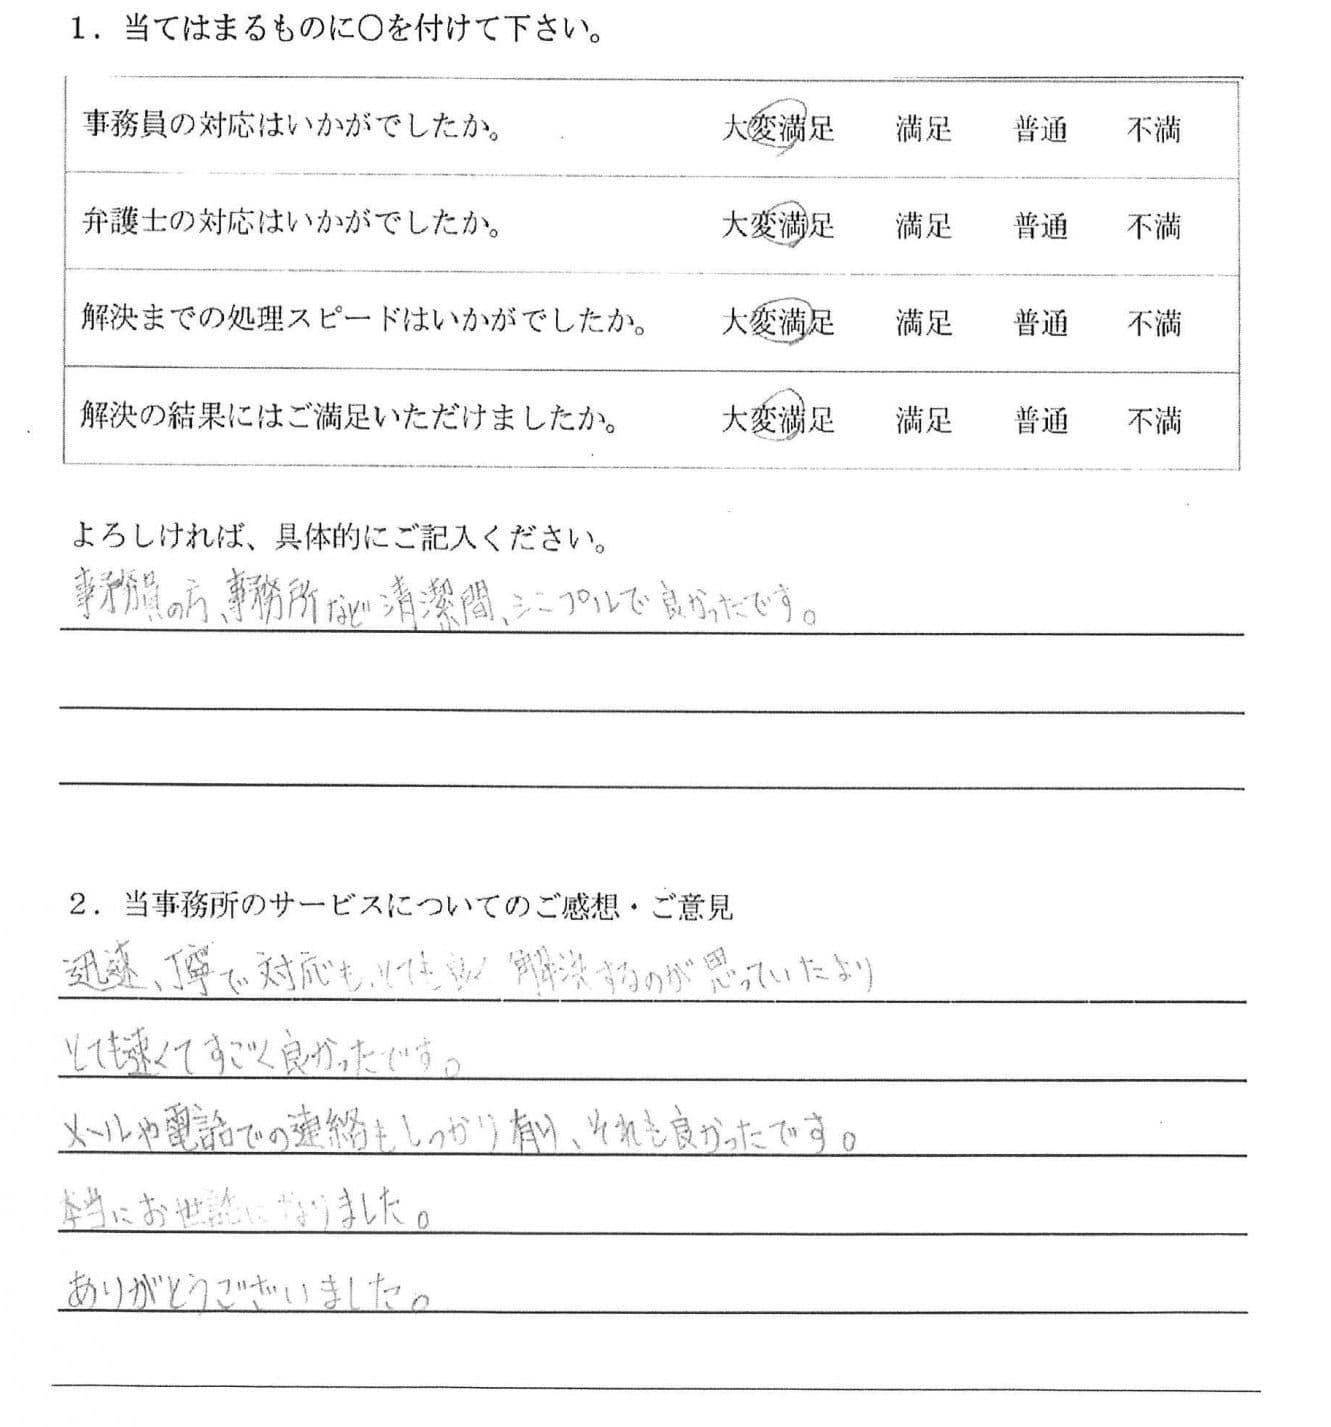 名古屋市外20代女性(不貞・慰謝料被請求) : 事務員の方、事務所など清潔感、シンプルで良かったです。 迅速、丁寧で対応もとても良く解決するのが思ってたよりとても速くてすごく良かったです。 メールや電話での連絡もしっかり有り、それも良かったです。 本当にお世話になりました。ありがとうございました。